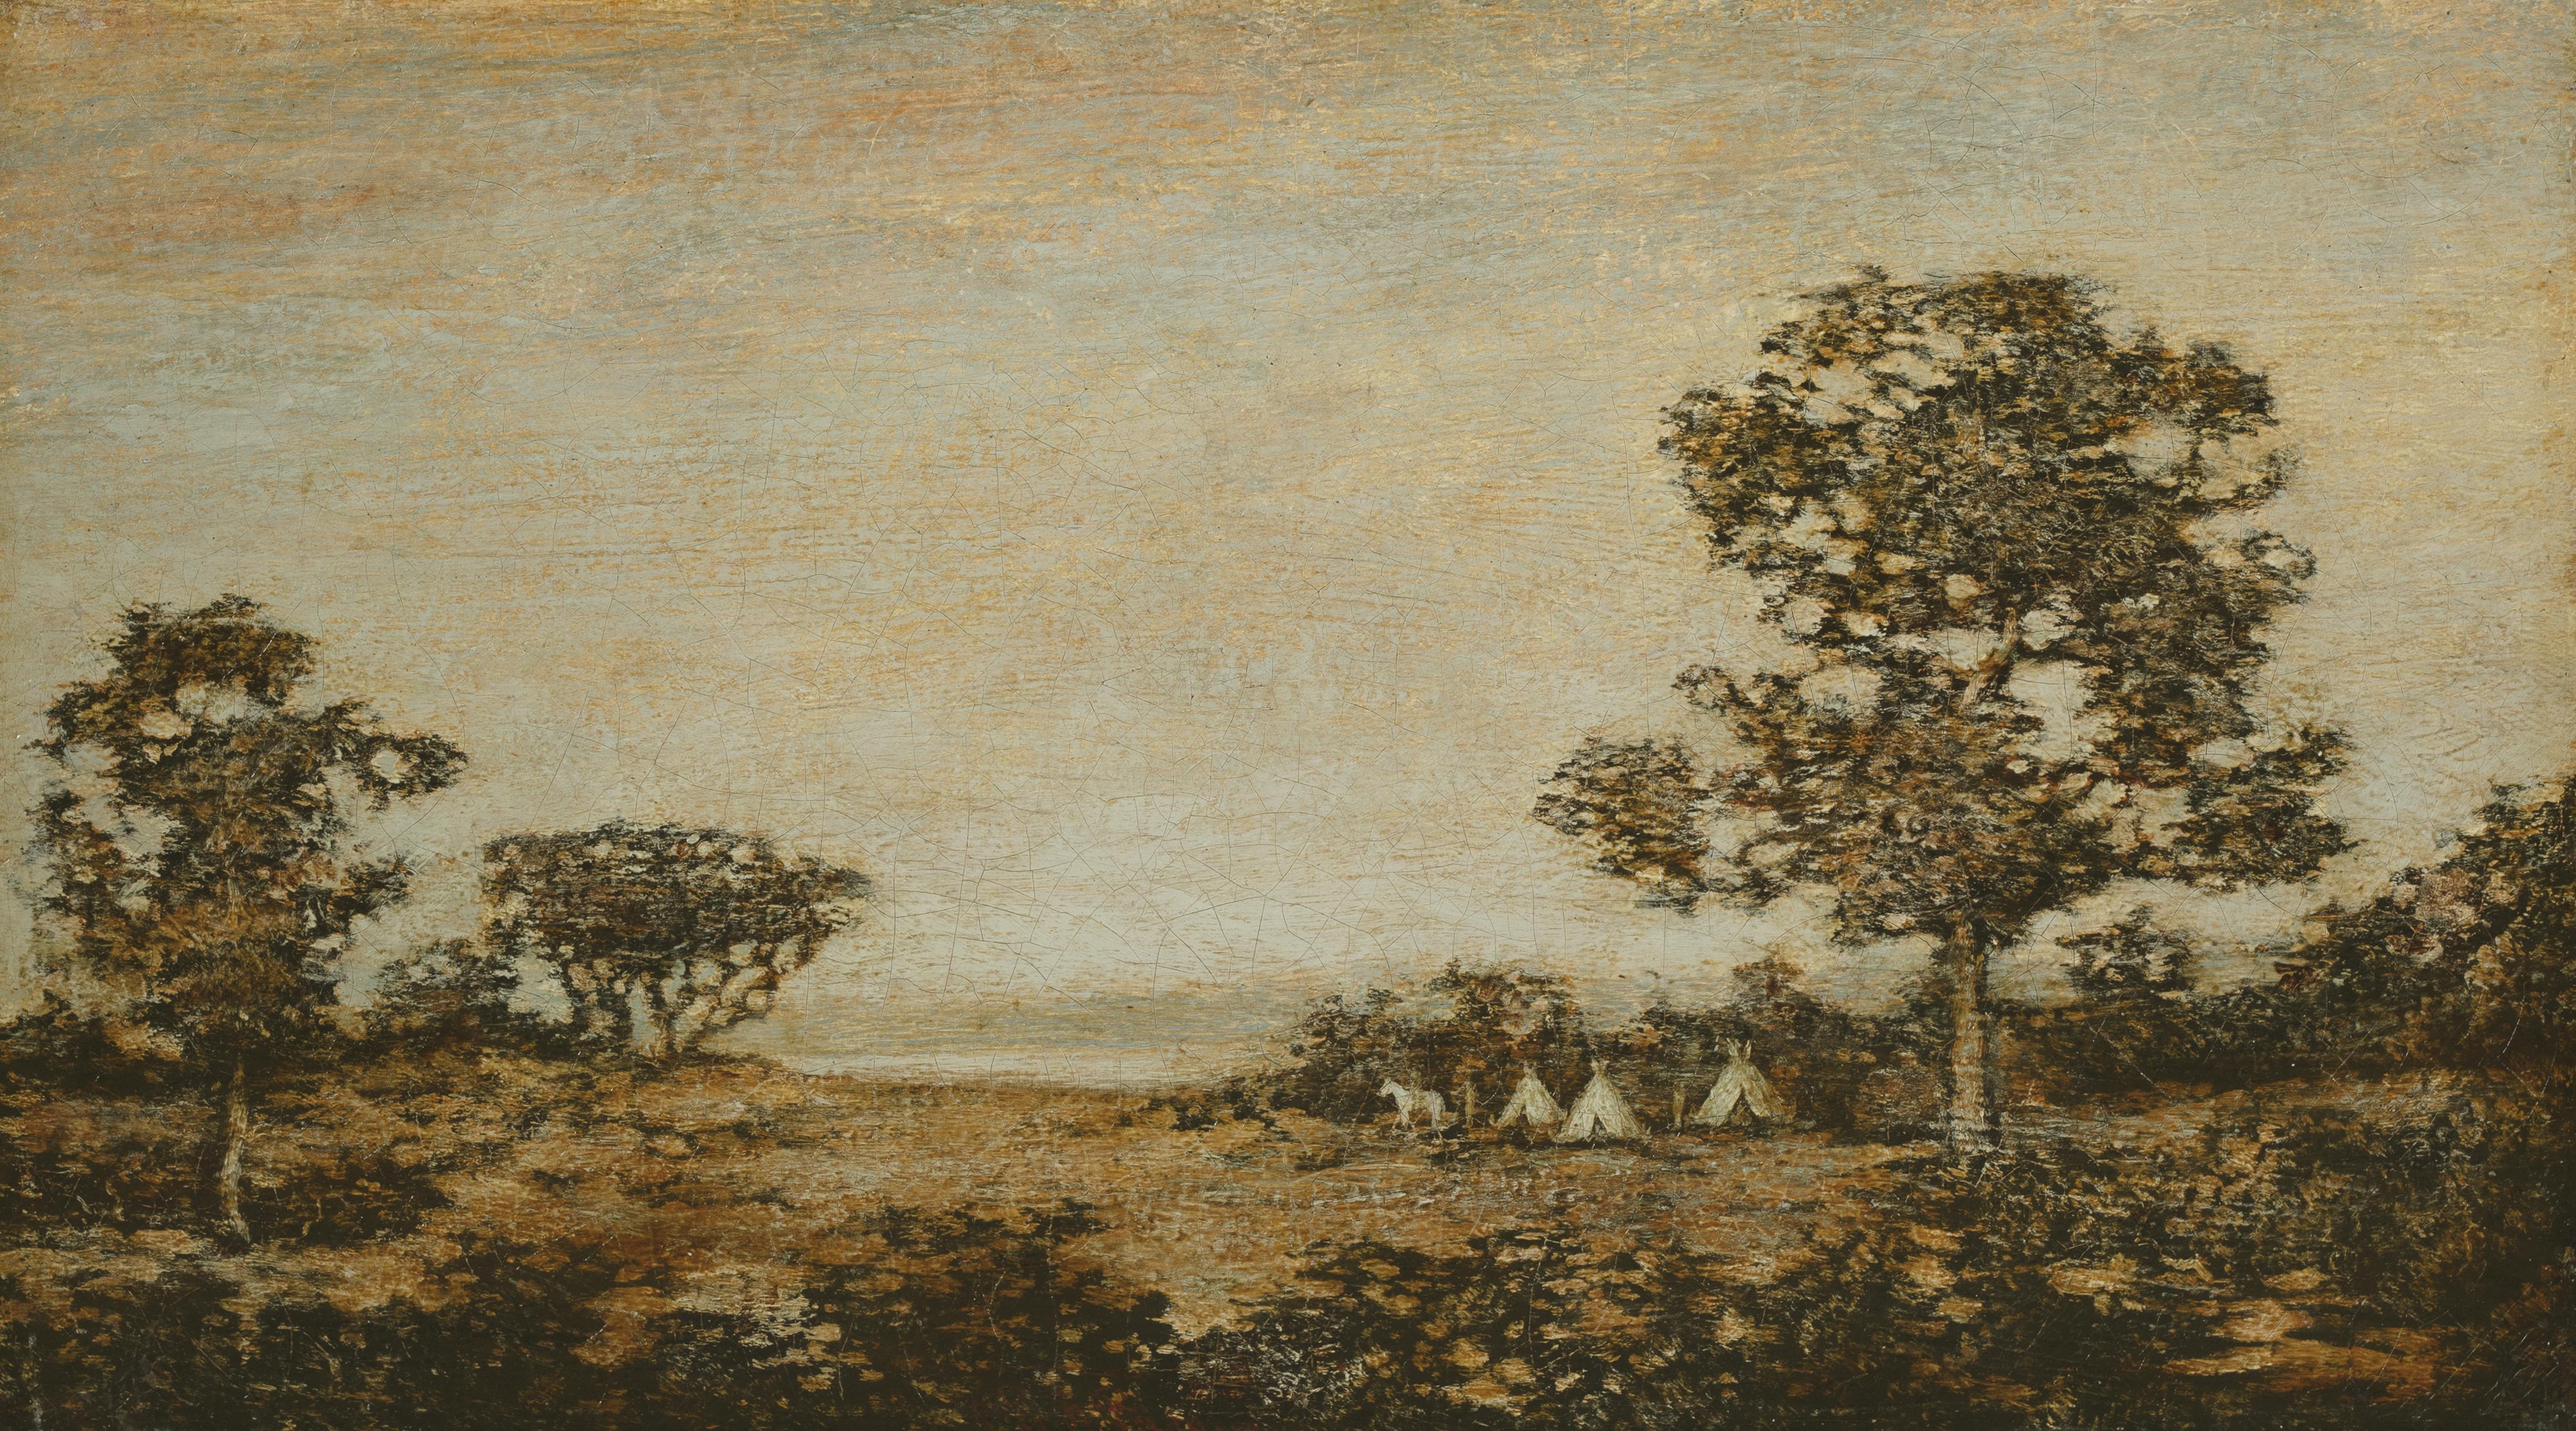 Blakelock Western Encampment